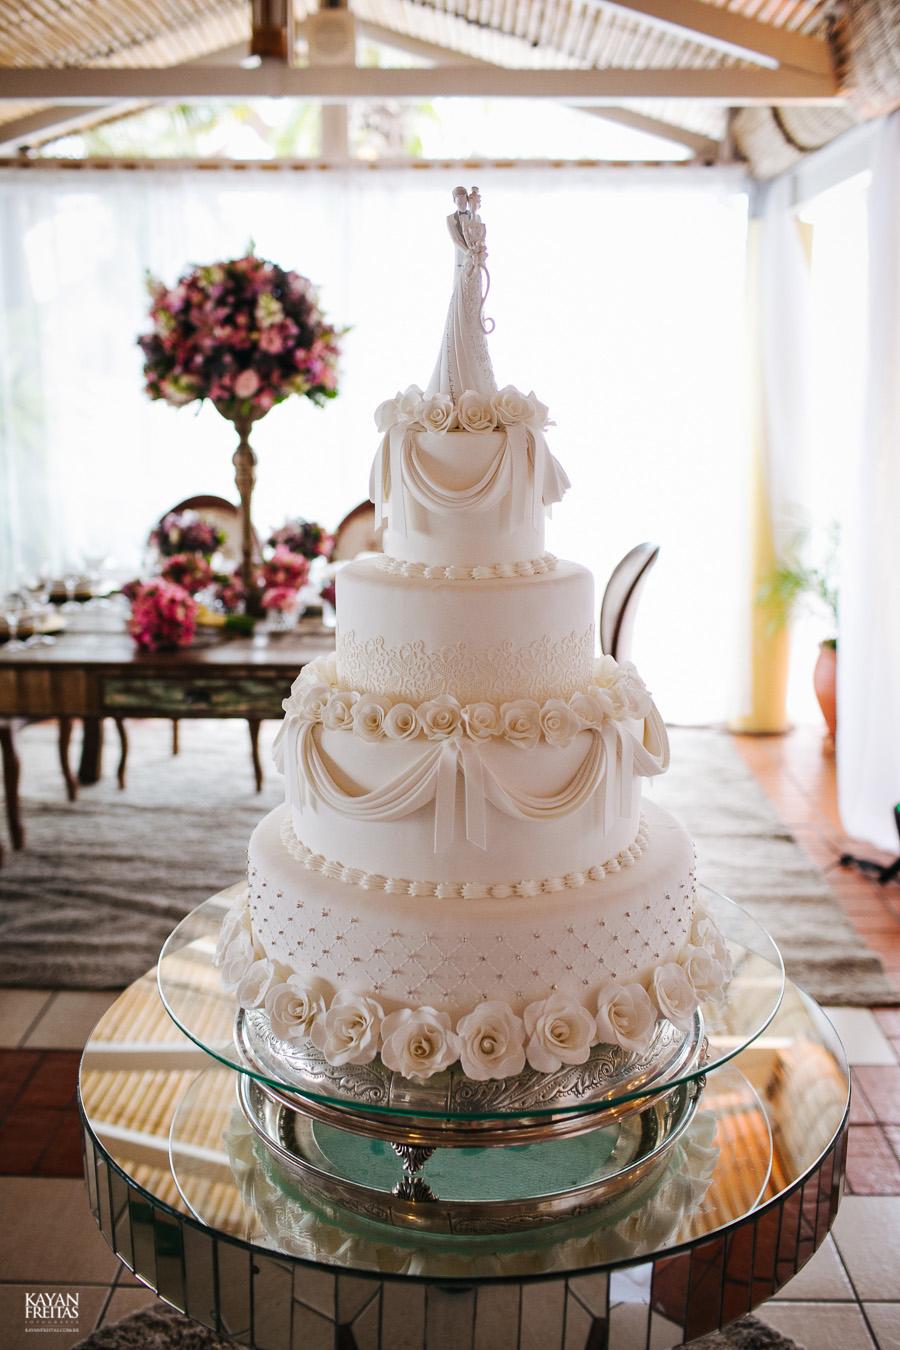 casamento-costa-norte-florianopolis-0005-copiar Casamento Jucirema e Rafael - Hotel Costa Norte Florianópolis